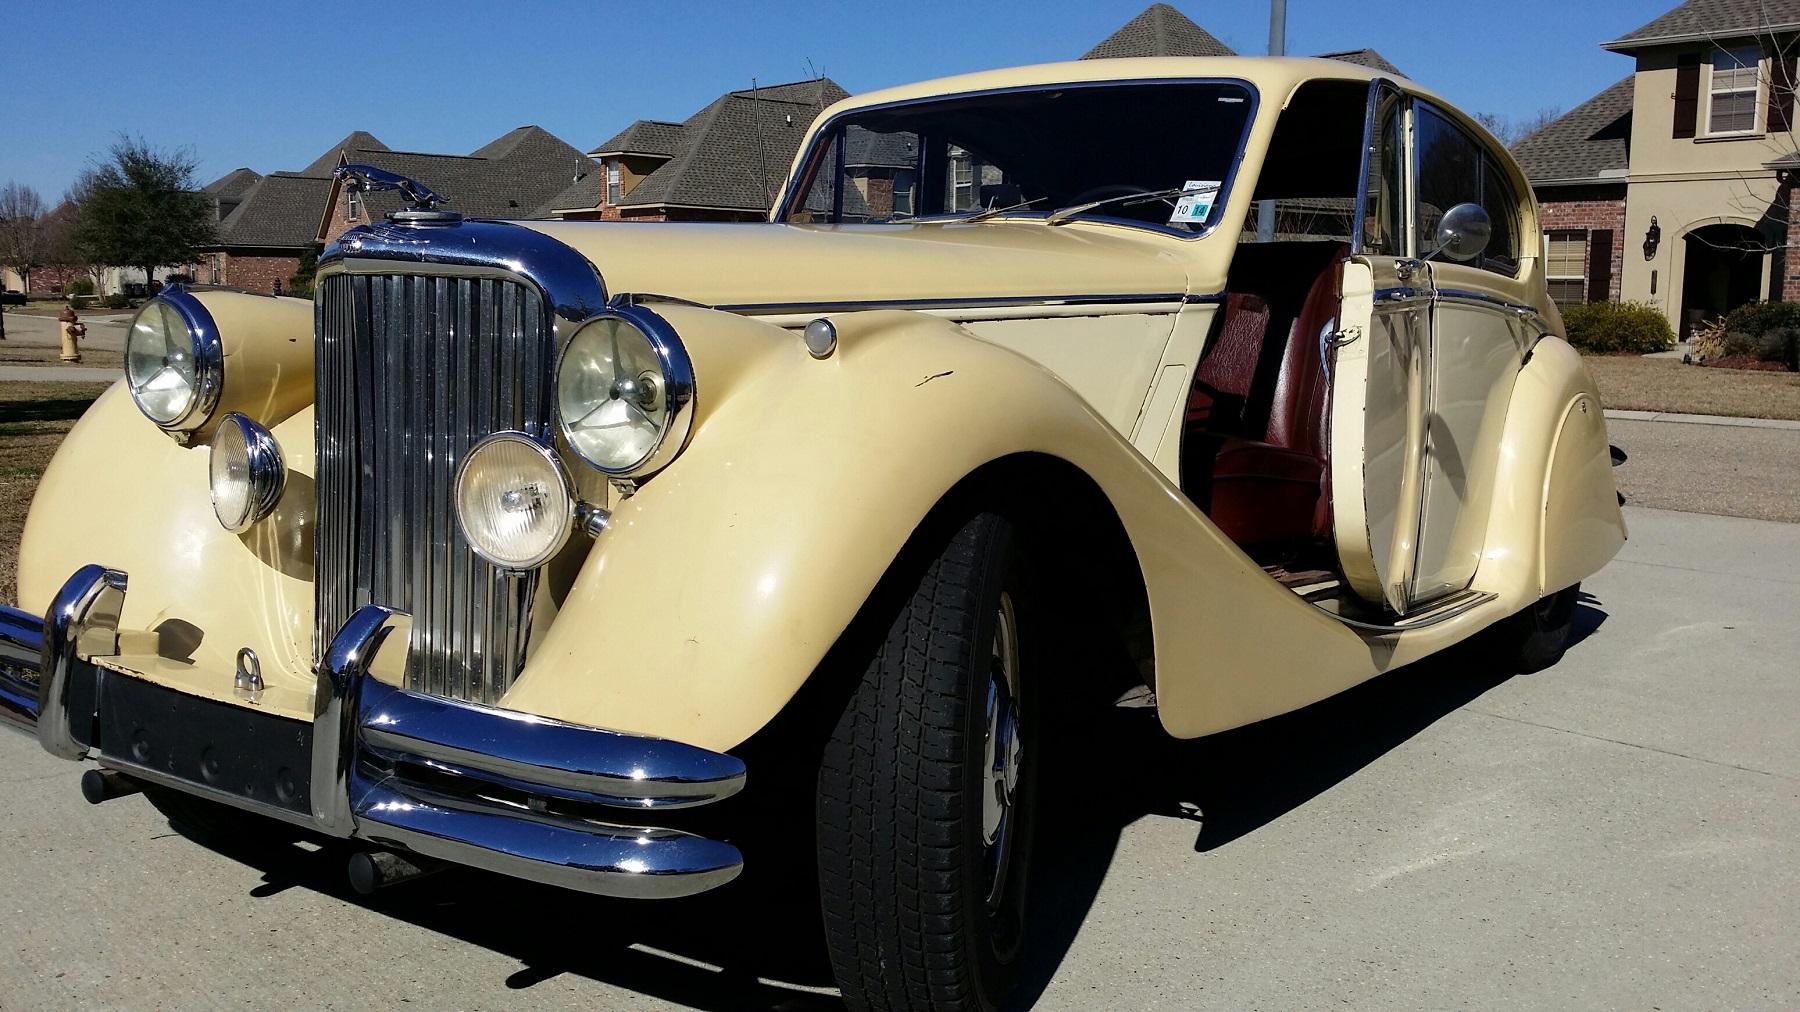 1951 Jaguar Mark V: Little girl's dream car found in Seattle